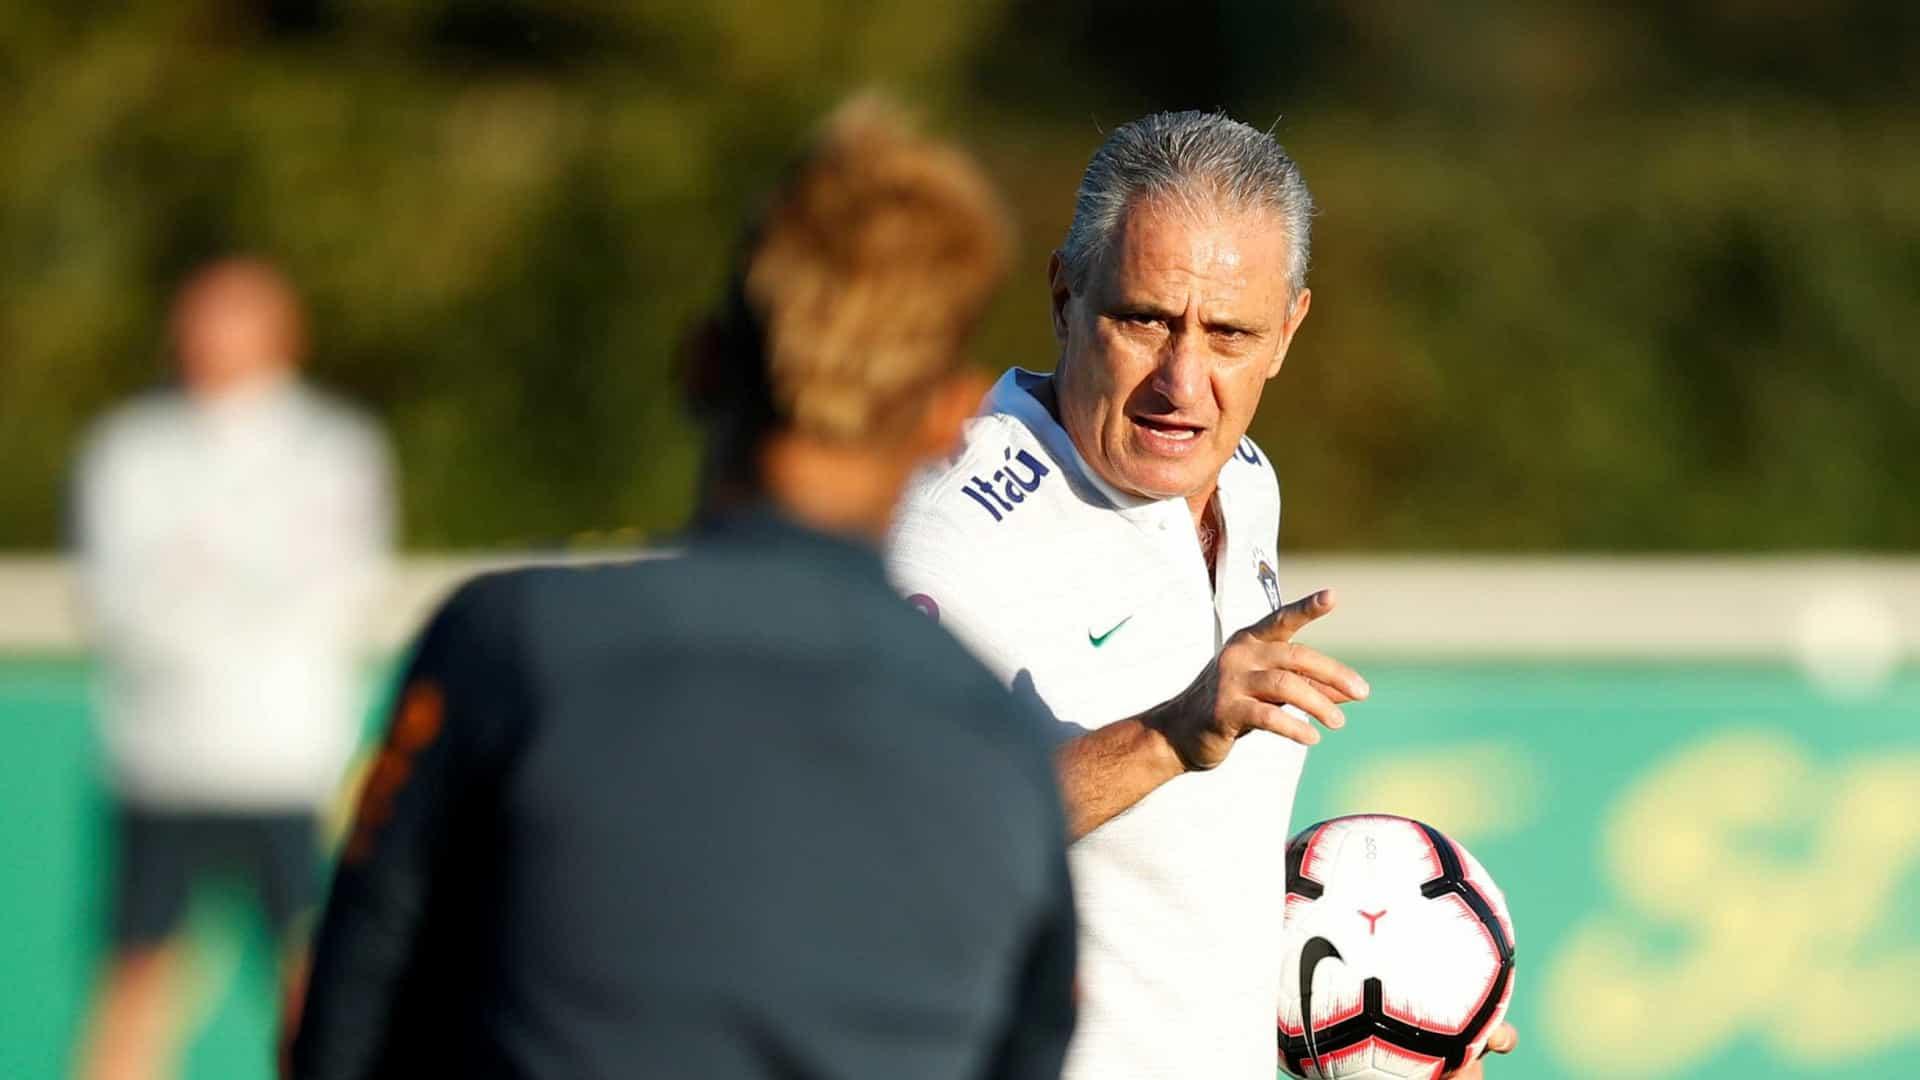 naom 5bbf96e1d0880 - Seleção brasileira fará amistoso com a Colômbia em 6 de setembro